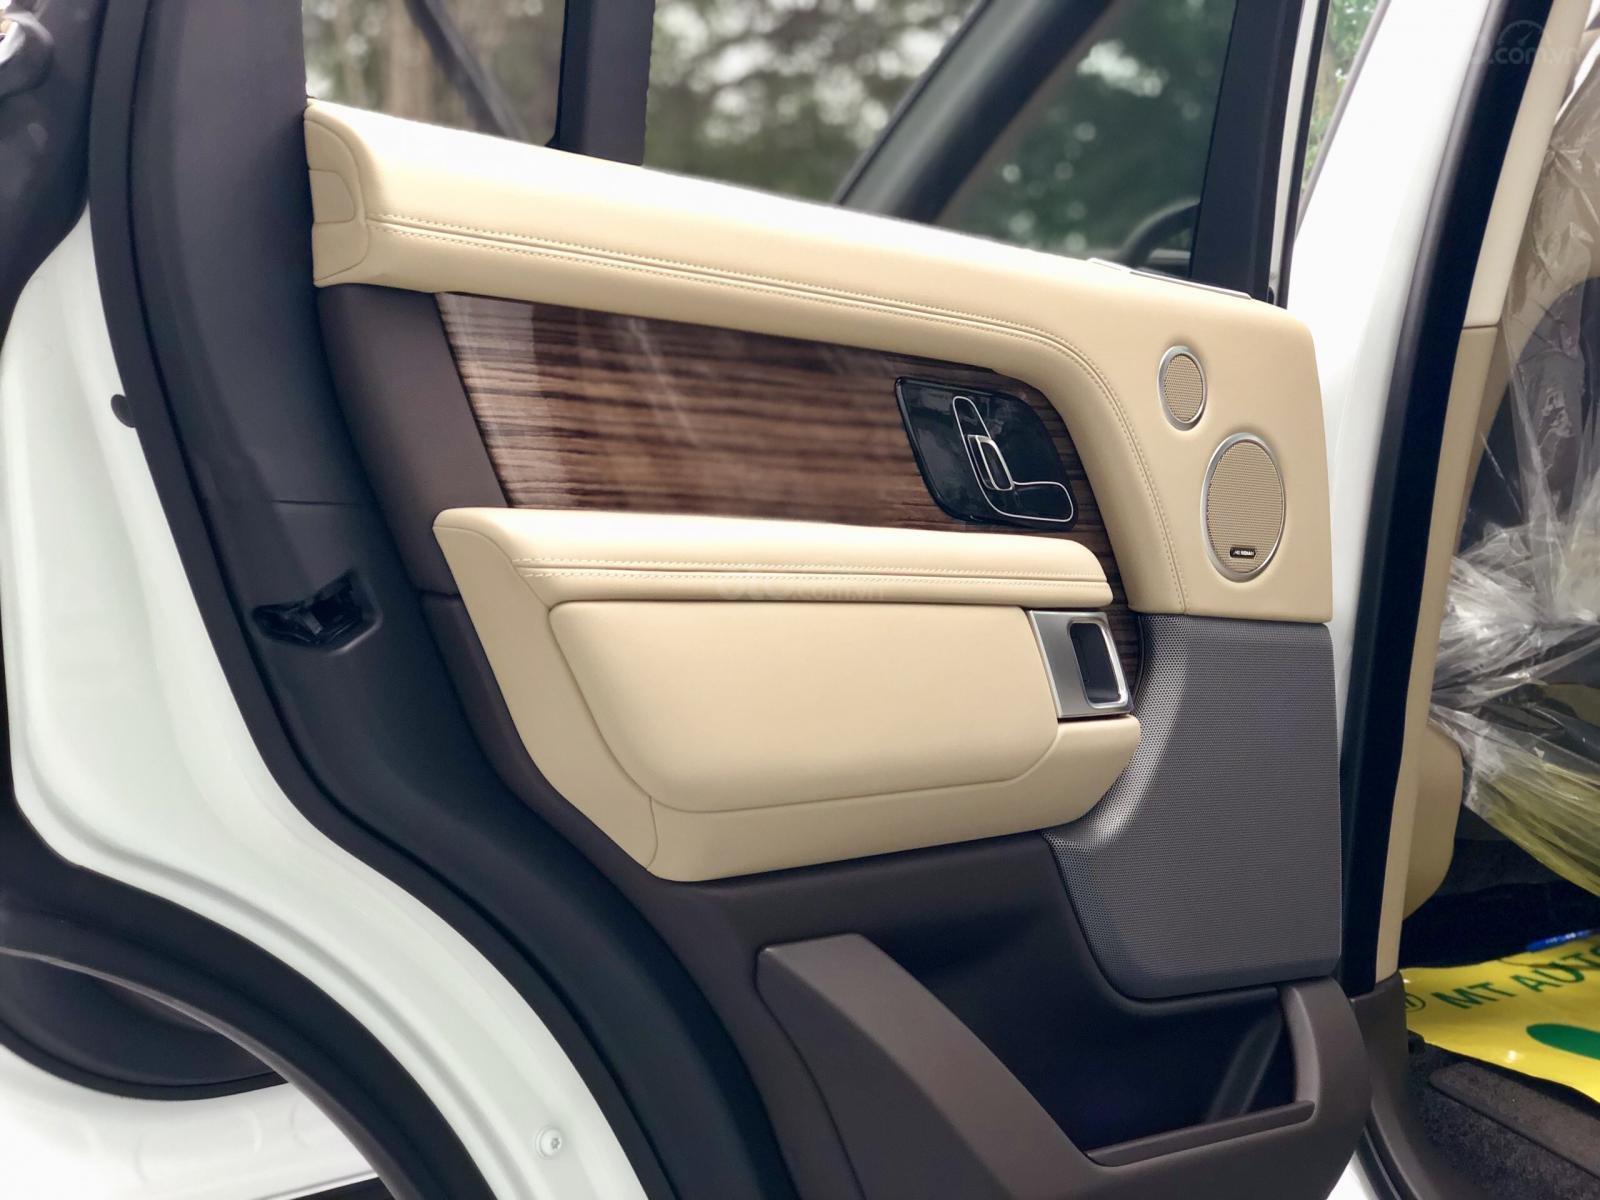 Bán LandRover Range Rover HSE 3.0 năm 2018, màu trắng, nhập khẩu, hỗ trợ ngân hàng 6 tỷ, call: 0914.868.198 (17)